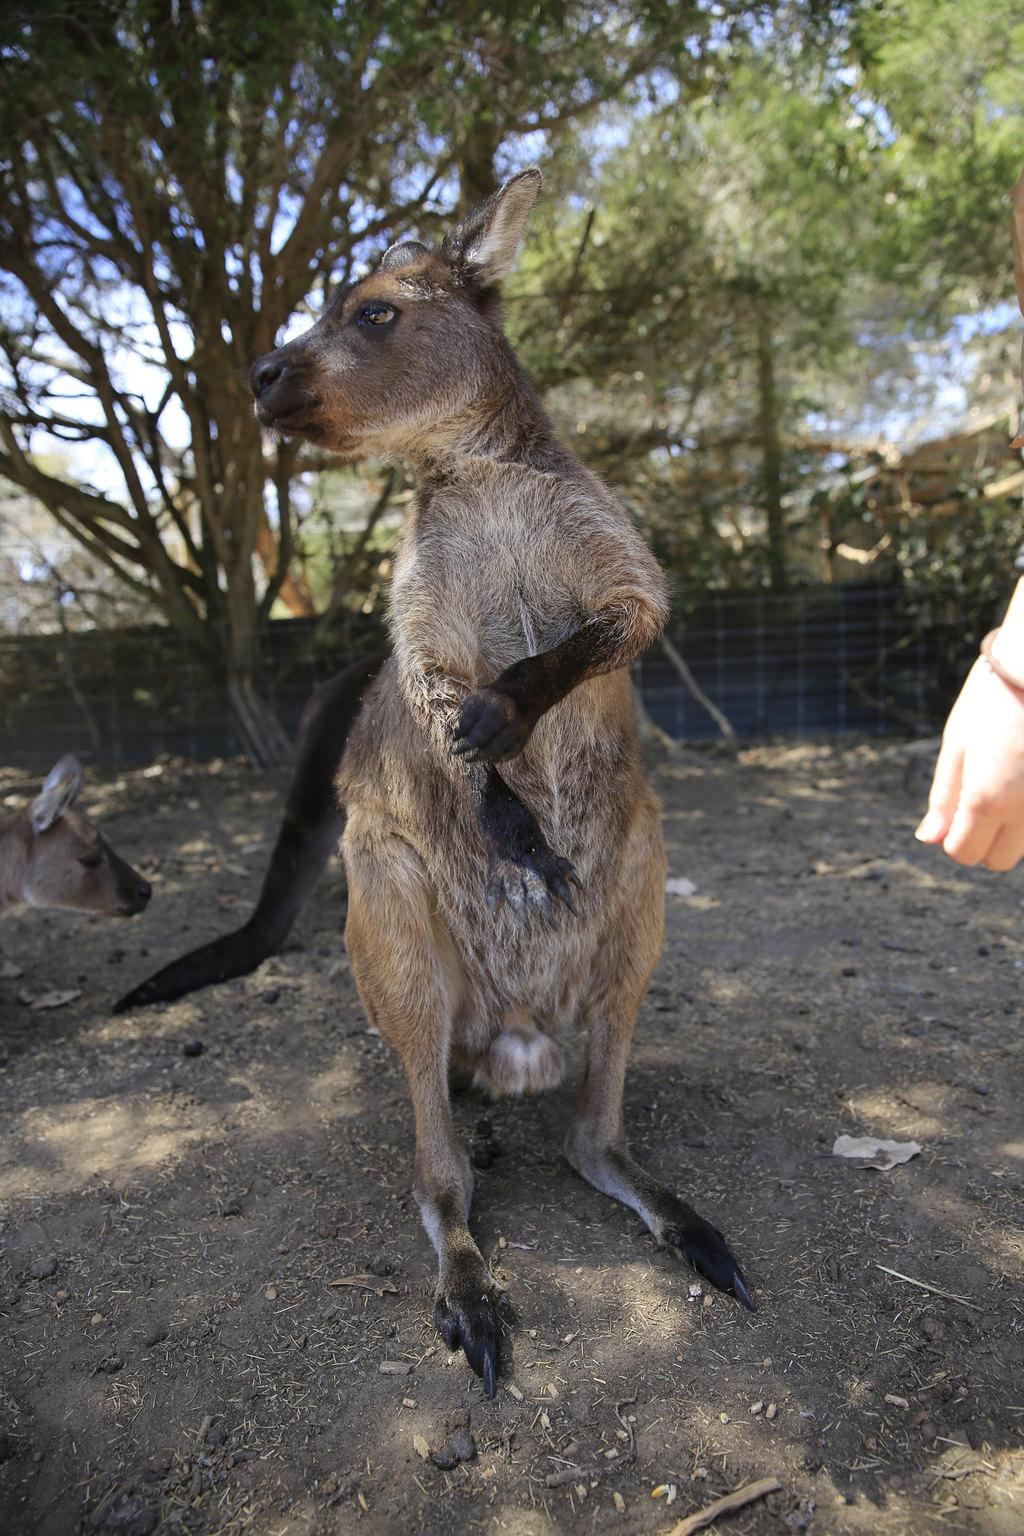 在袋鼠岛野生动物园里